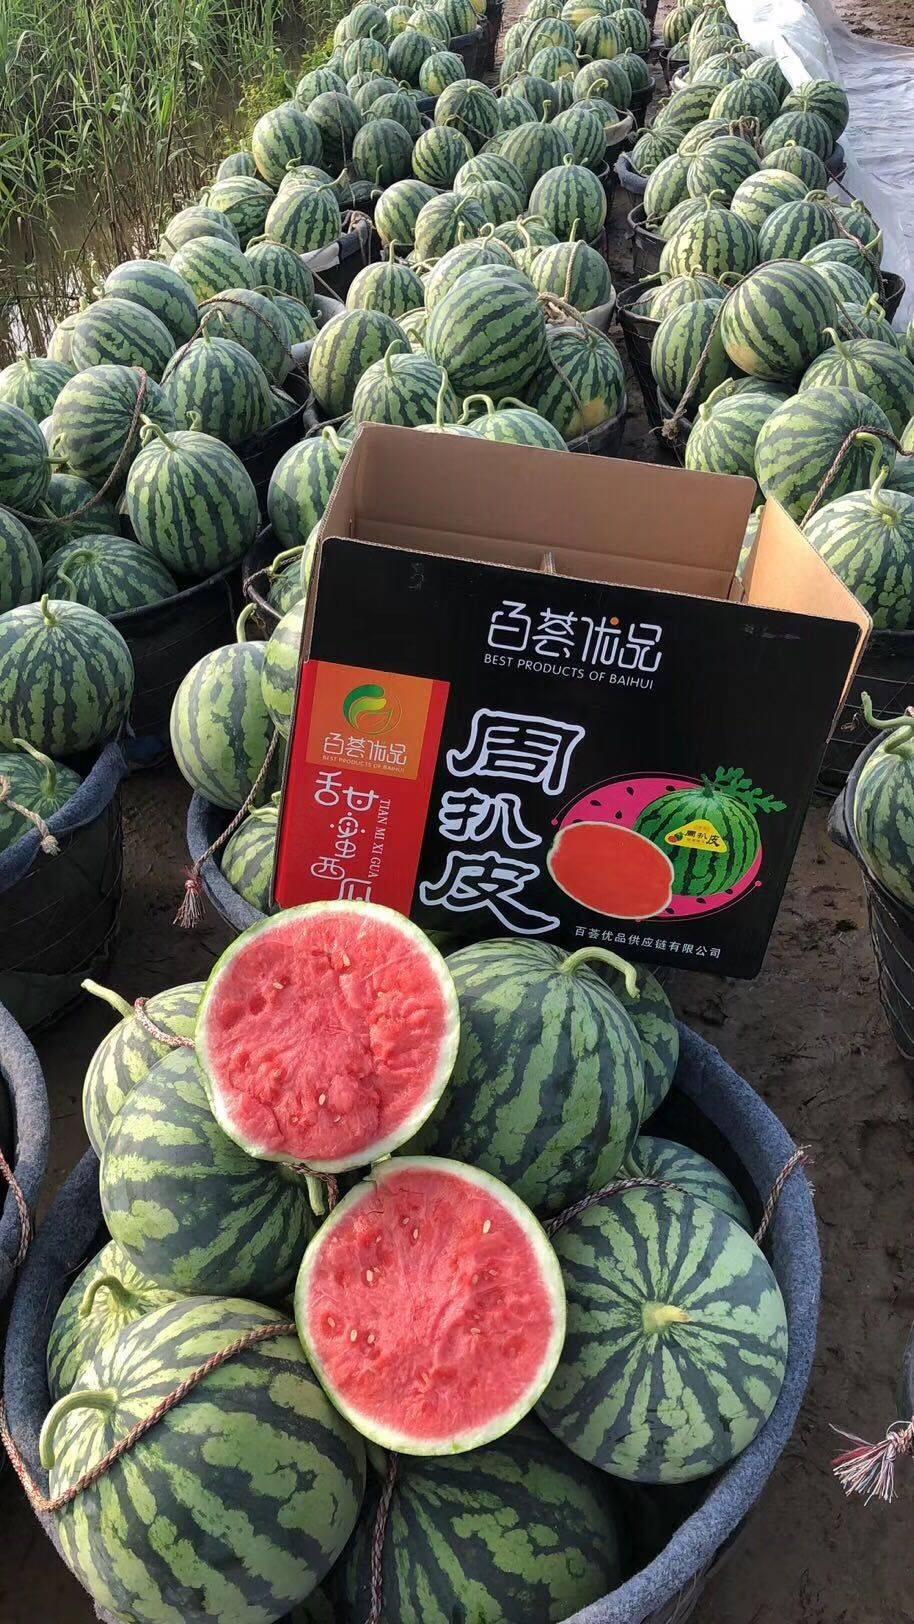 8424西瓜  美都无籽瓜,浙江人种的高品质西瓜,西双版纳产地直销